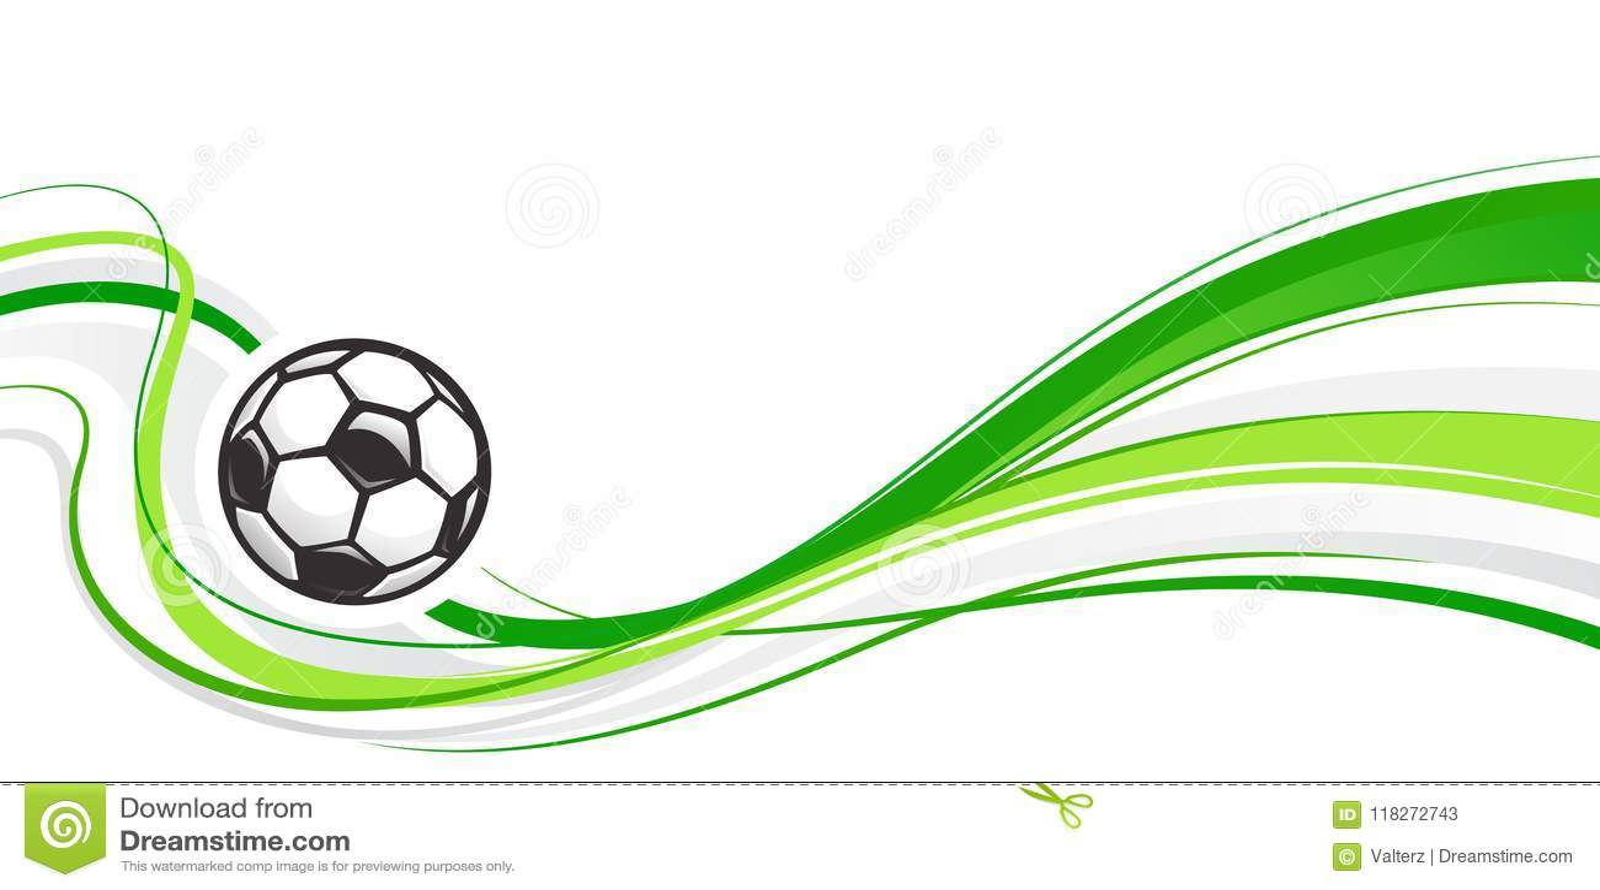 与球和绿色波浪的足球抽象背景 设计的抽象波浪橄榄球元素 球橄榄球必须足球体育运动